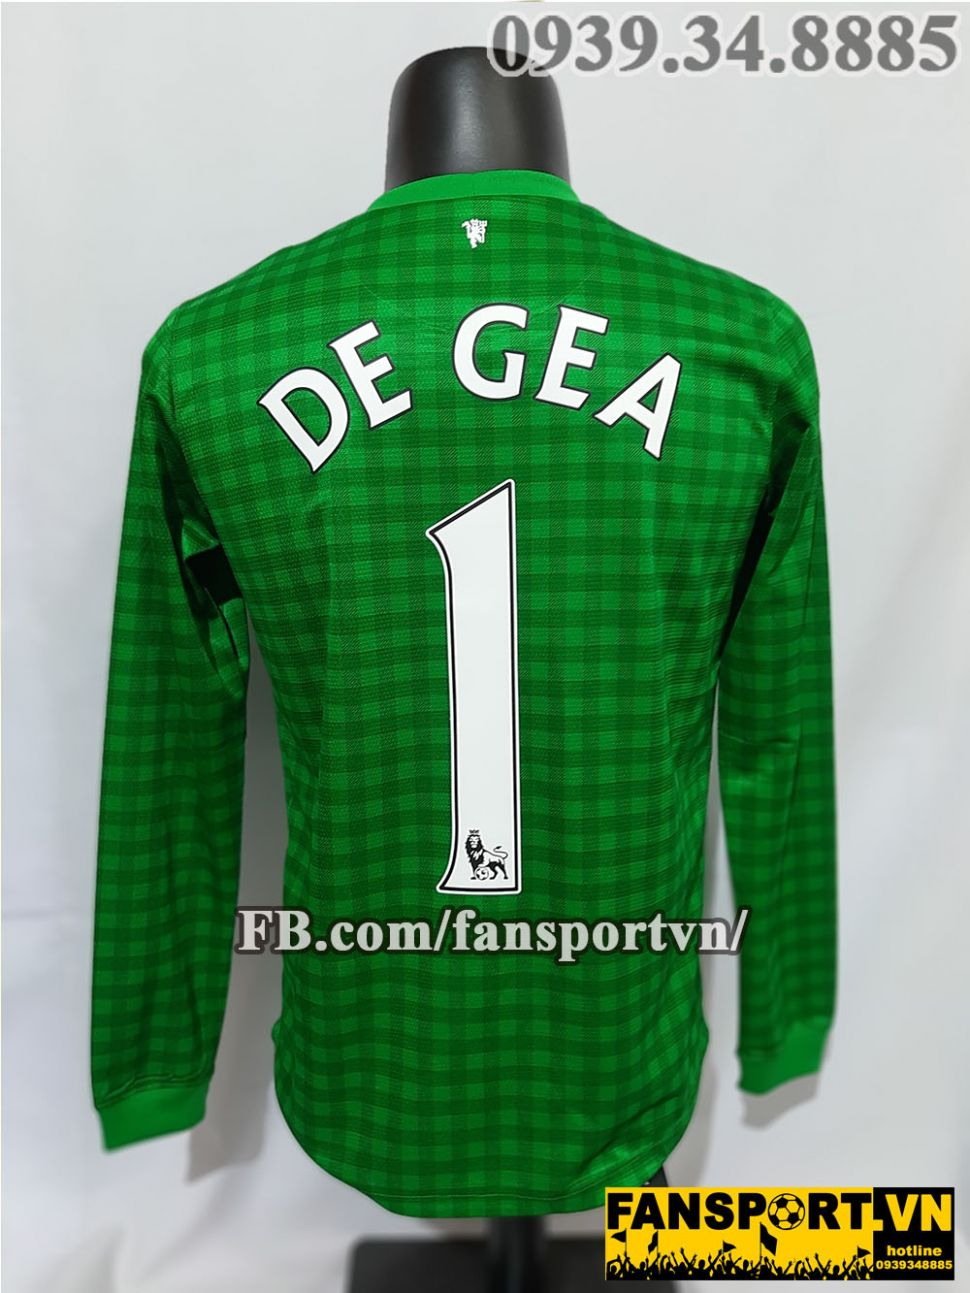 Áo De Gea #1 Manchester United 2012-2013 home goalkeeper shirt jerser